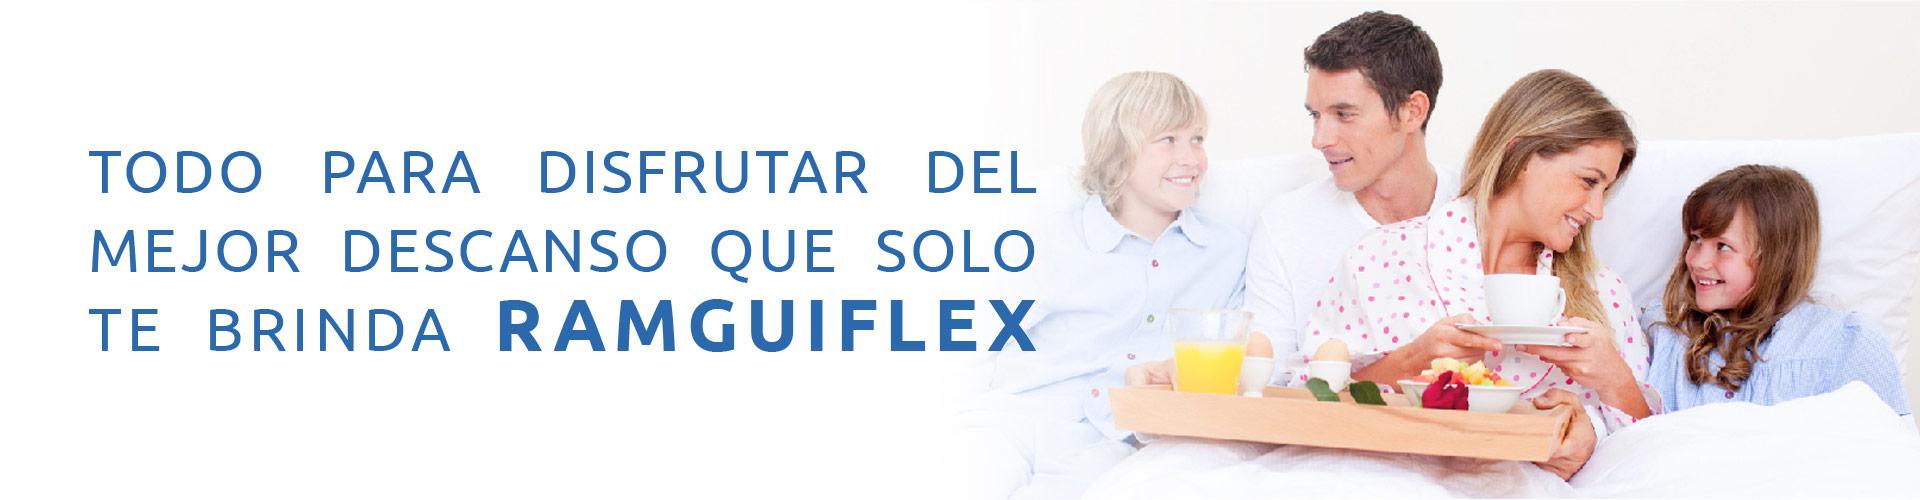 Promoción en la Tienda Ramguiflex: Colchones, Almohadas y Base Camas con la mejor calidad